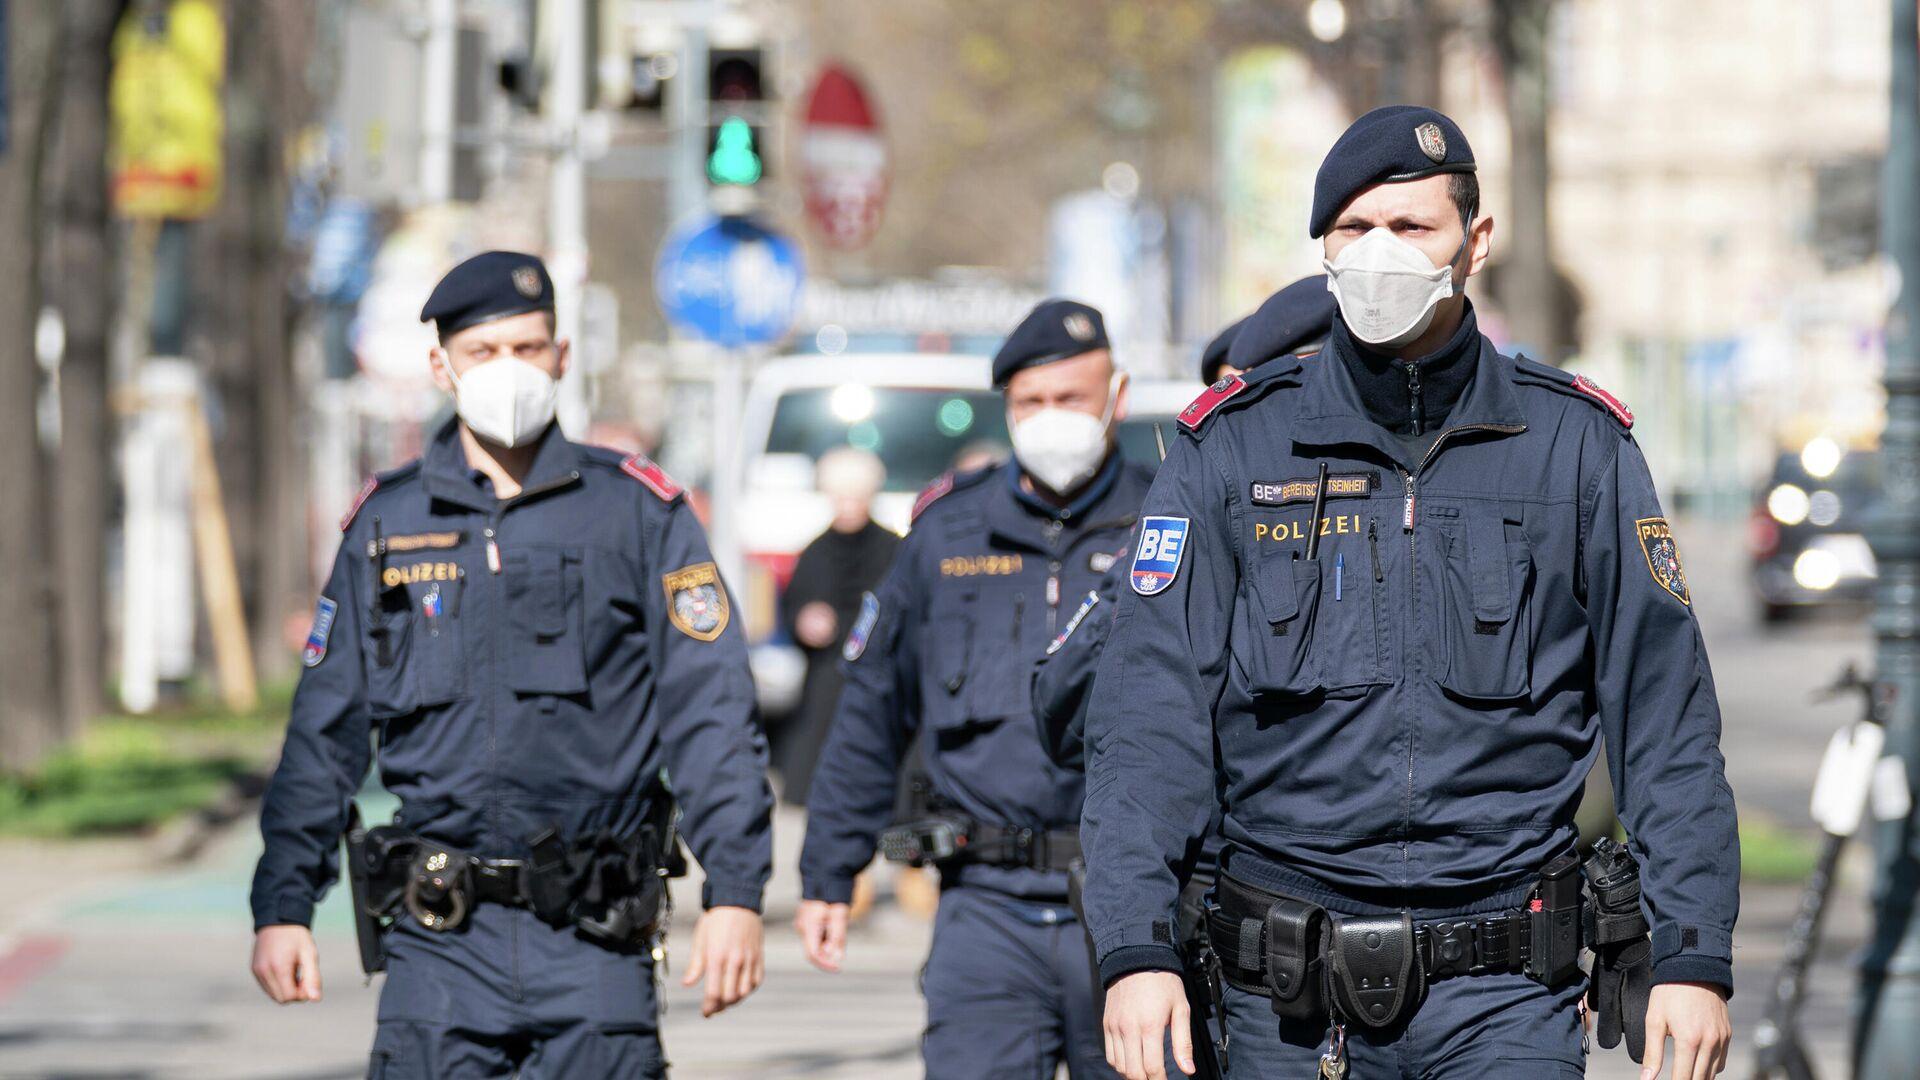 Polizeibeamte in Wien  - SNA, 1920, 12.10.2021